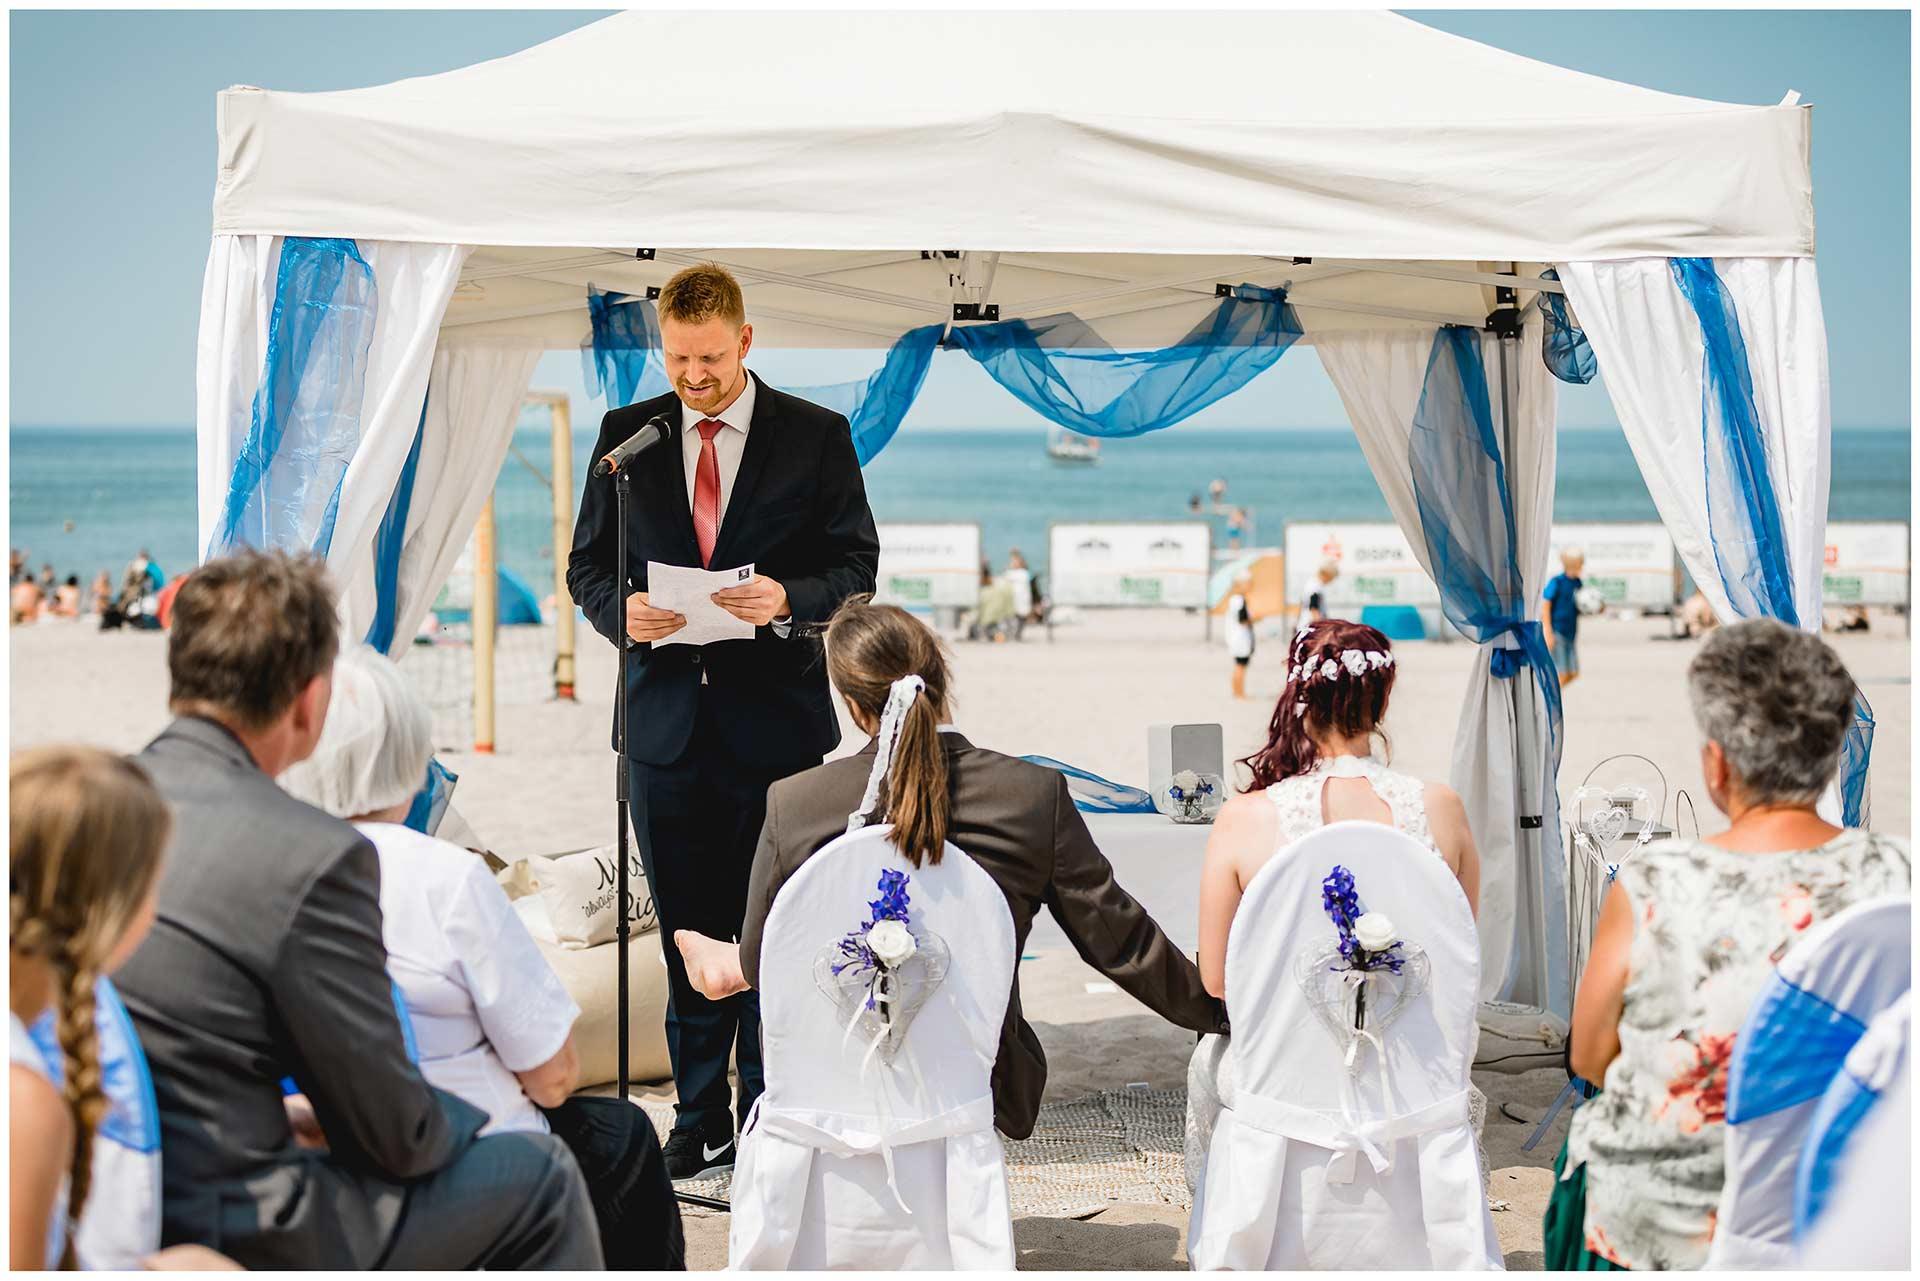 Trauzeuge-haelt-eine-Rede-bei-der-Freien-Trauung-am-Strand-Hochzeit-am-Strand-Hochzeitsfotograf-Warnemuende-Hochzeitsfotograf-Rostock-Hochzeitsfotograf-Ostseebad-Warnemuende